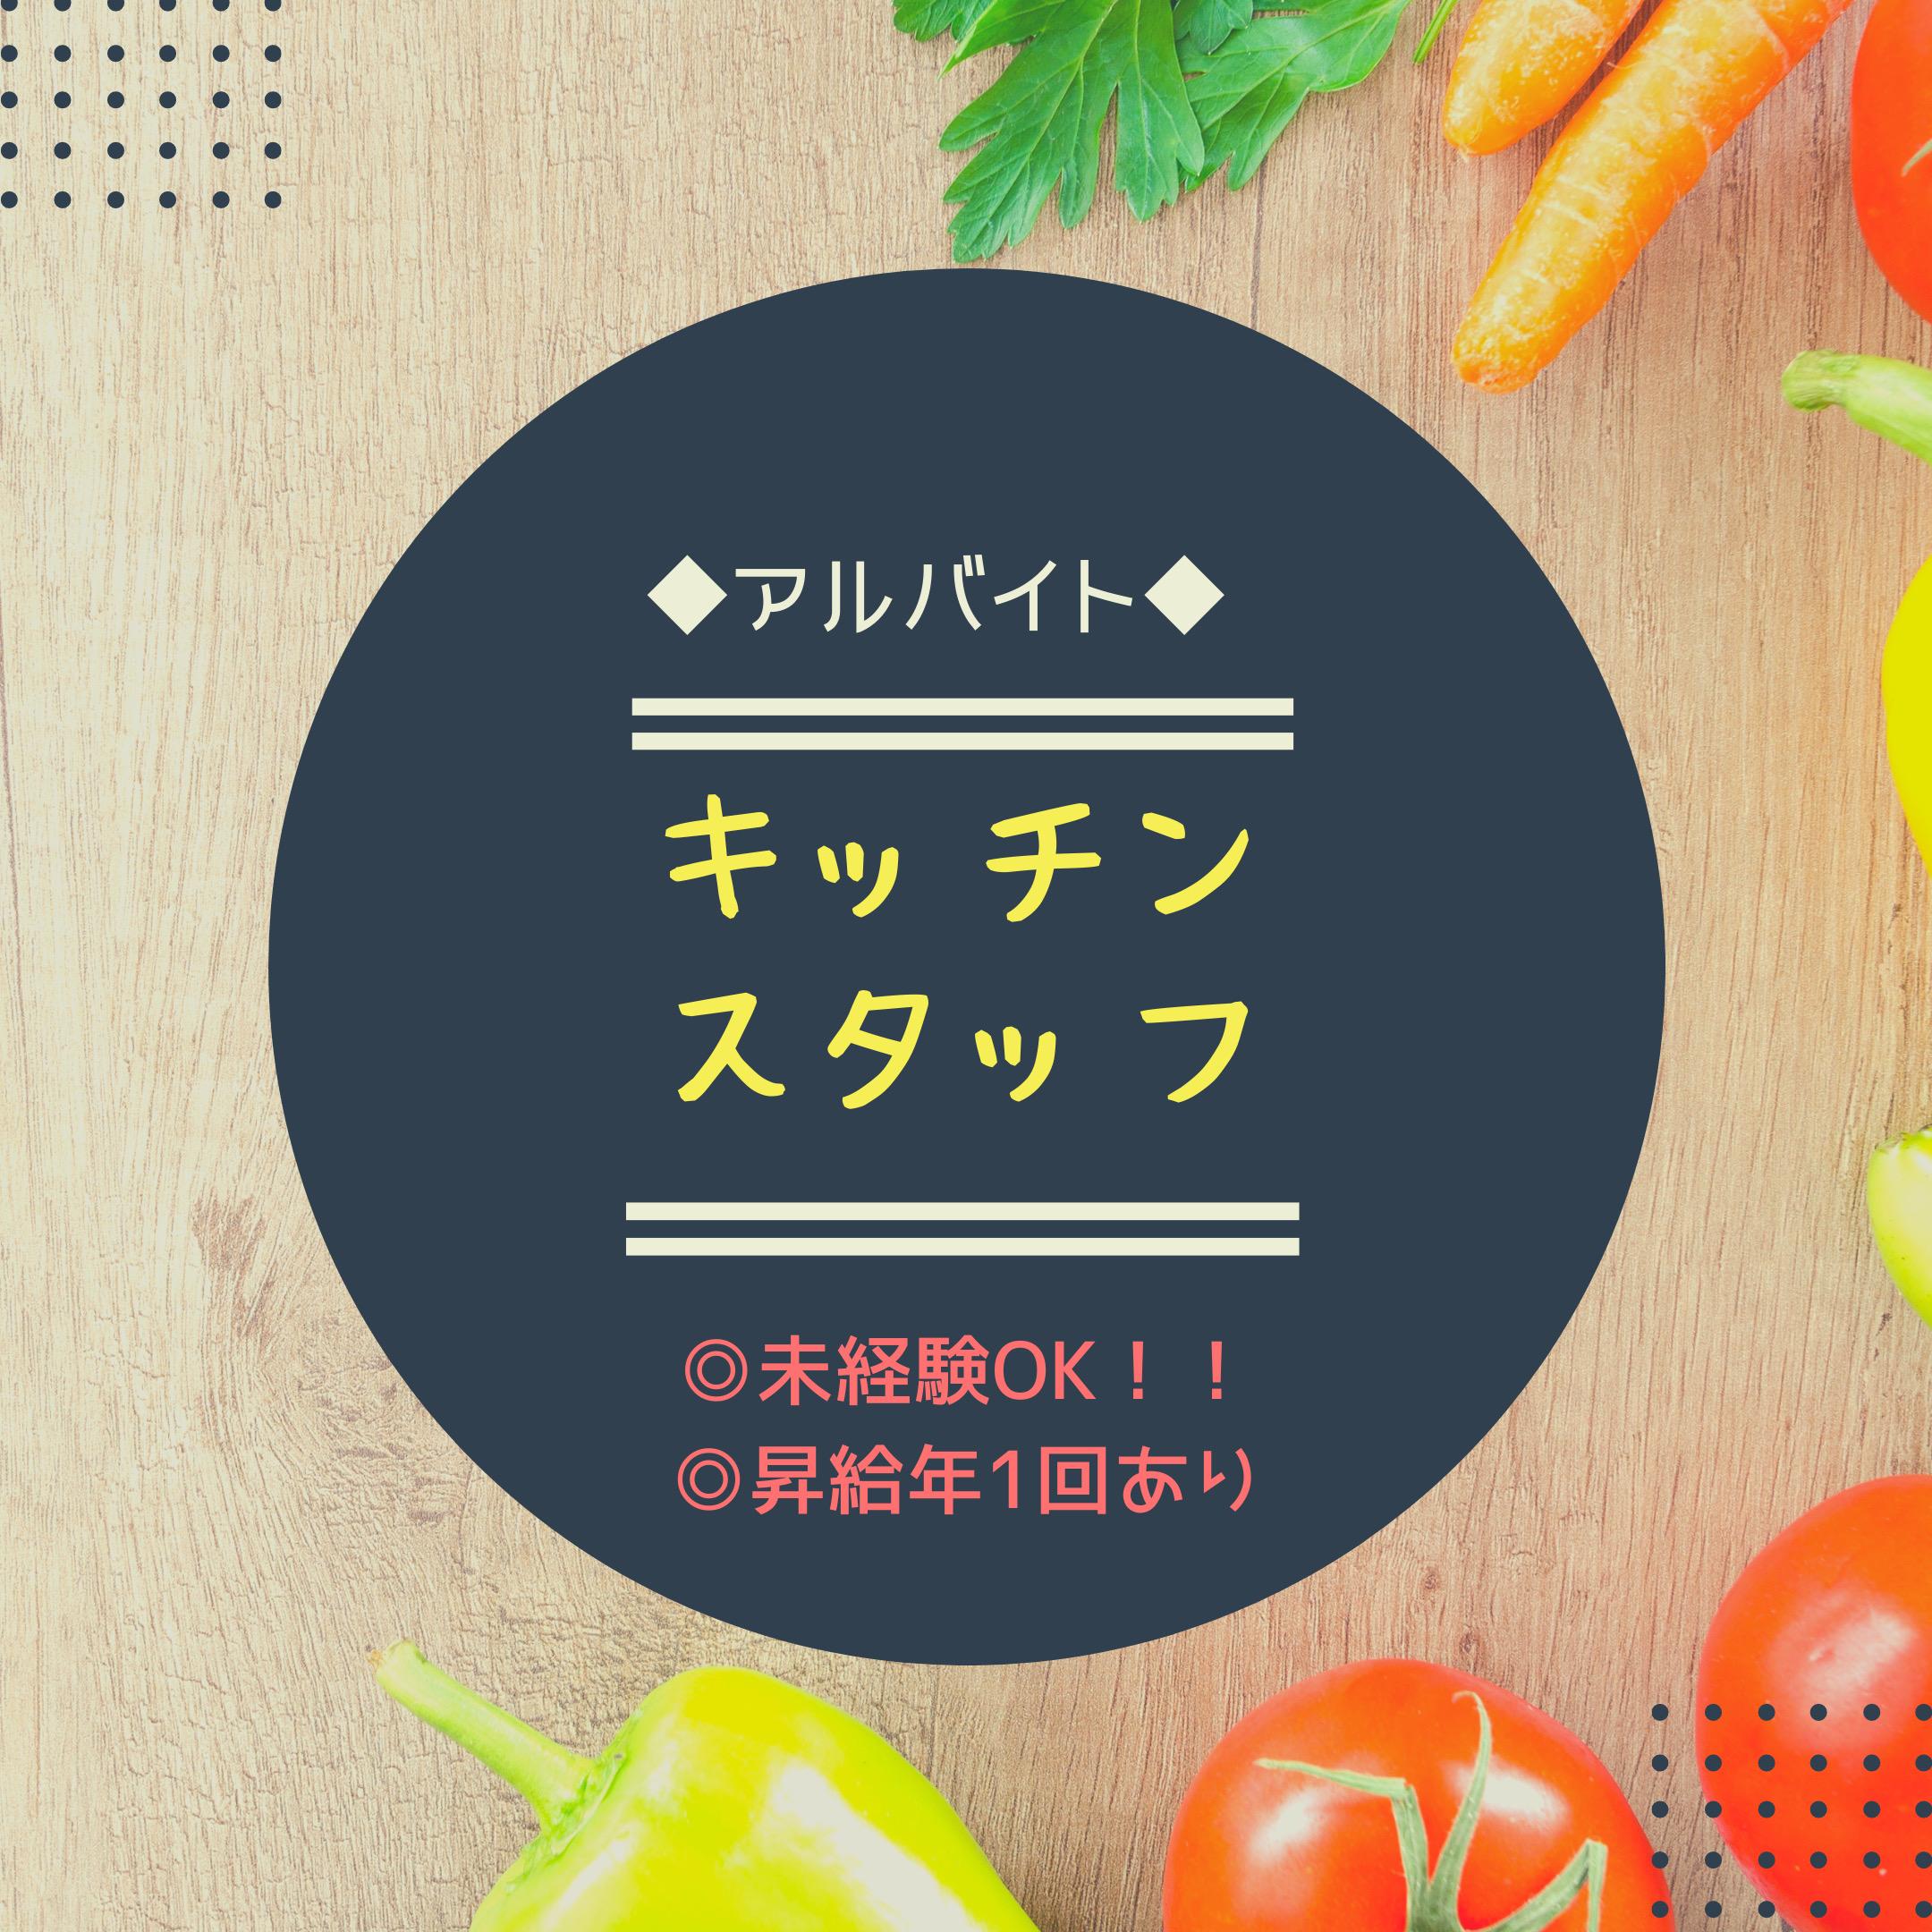 即面談可能【キッチンスタッフ・アルバイト】目指すのは、飲食業のみならず、「サービス業で名古屋No.1」未経験OK☆彡 イメージ